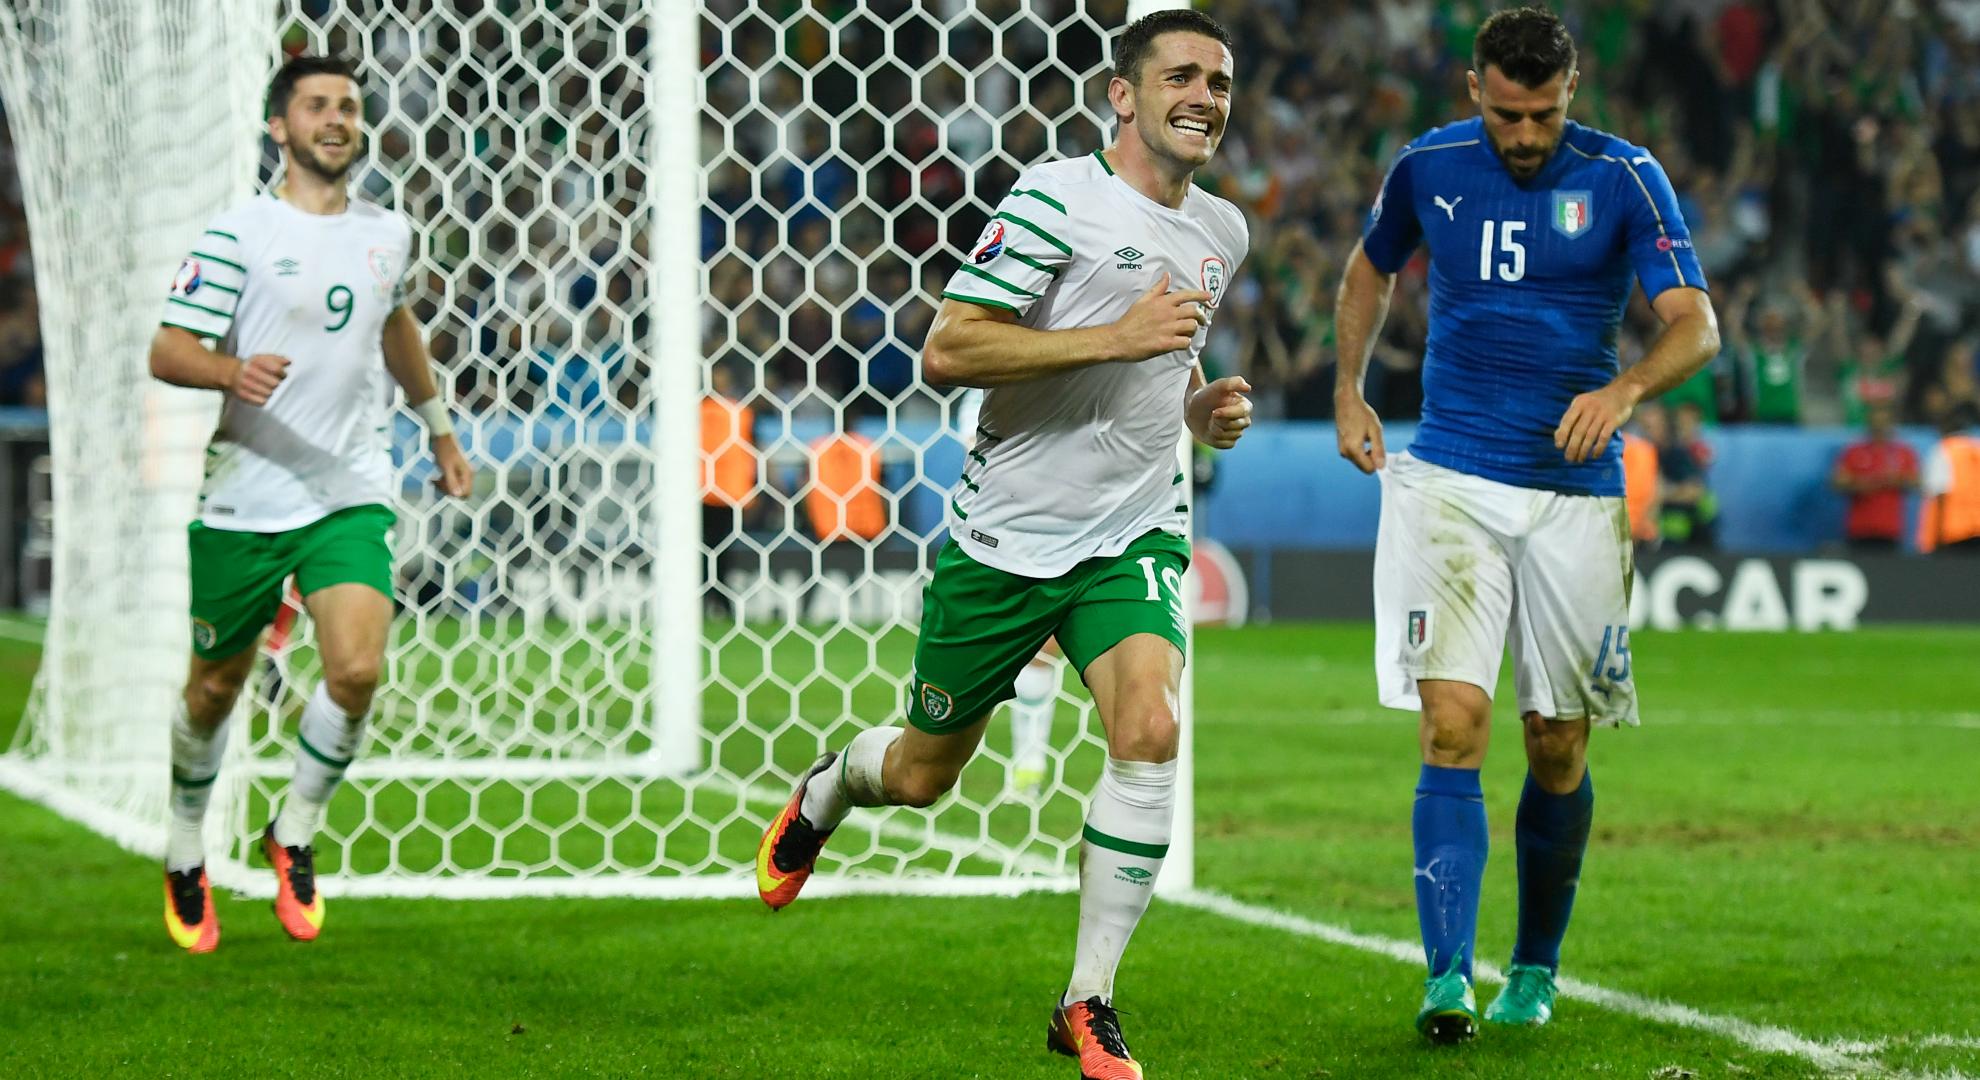 Francia-Irlanda 2-1: decide la doppietta di Griezmann